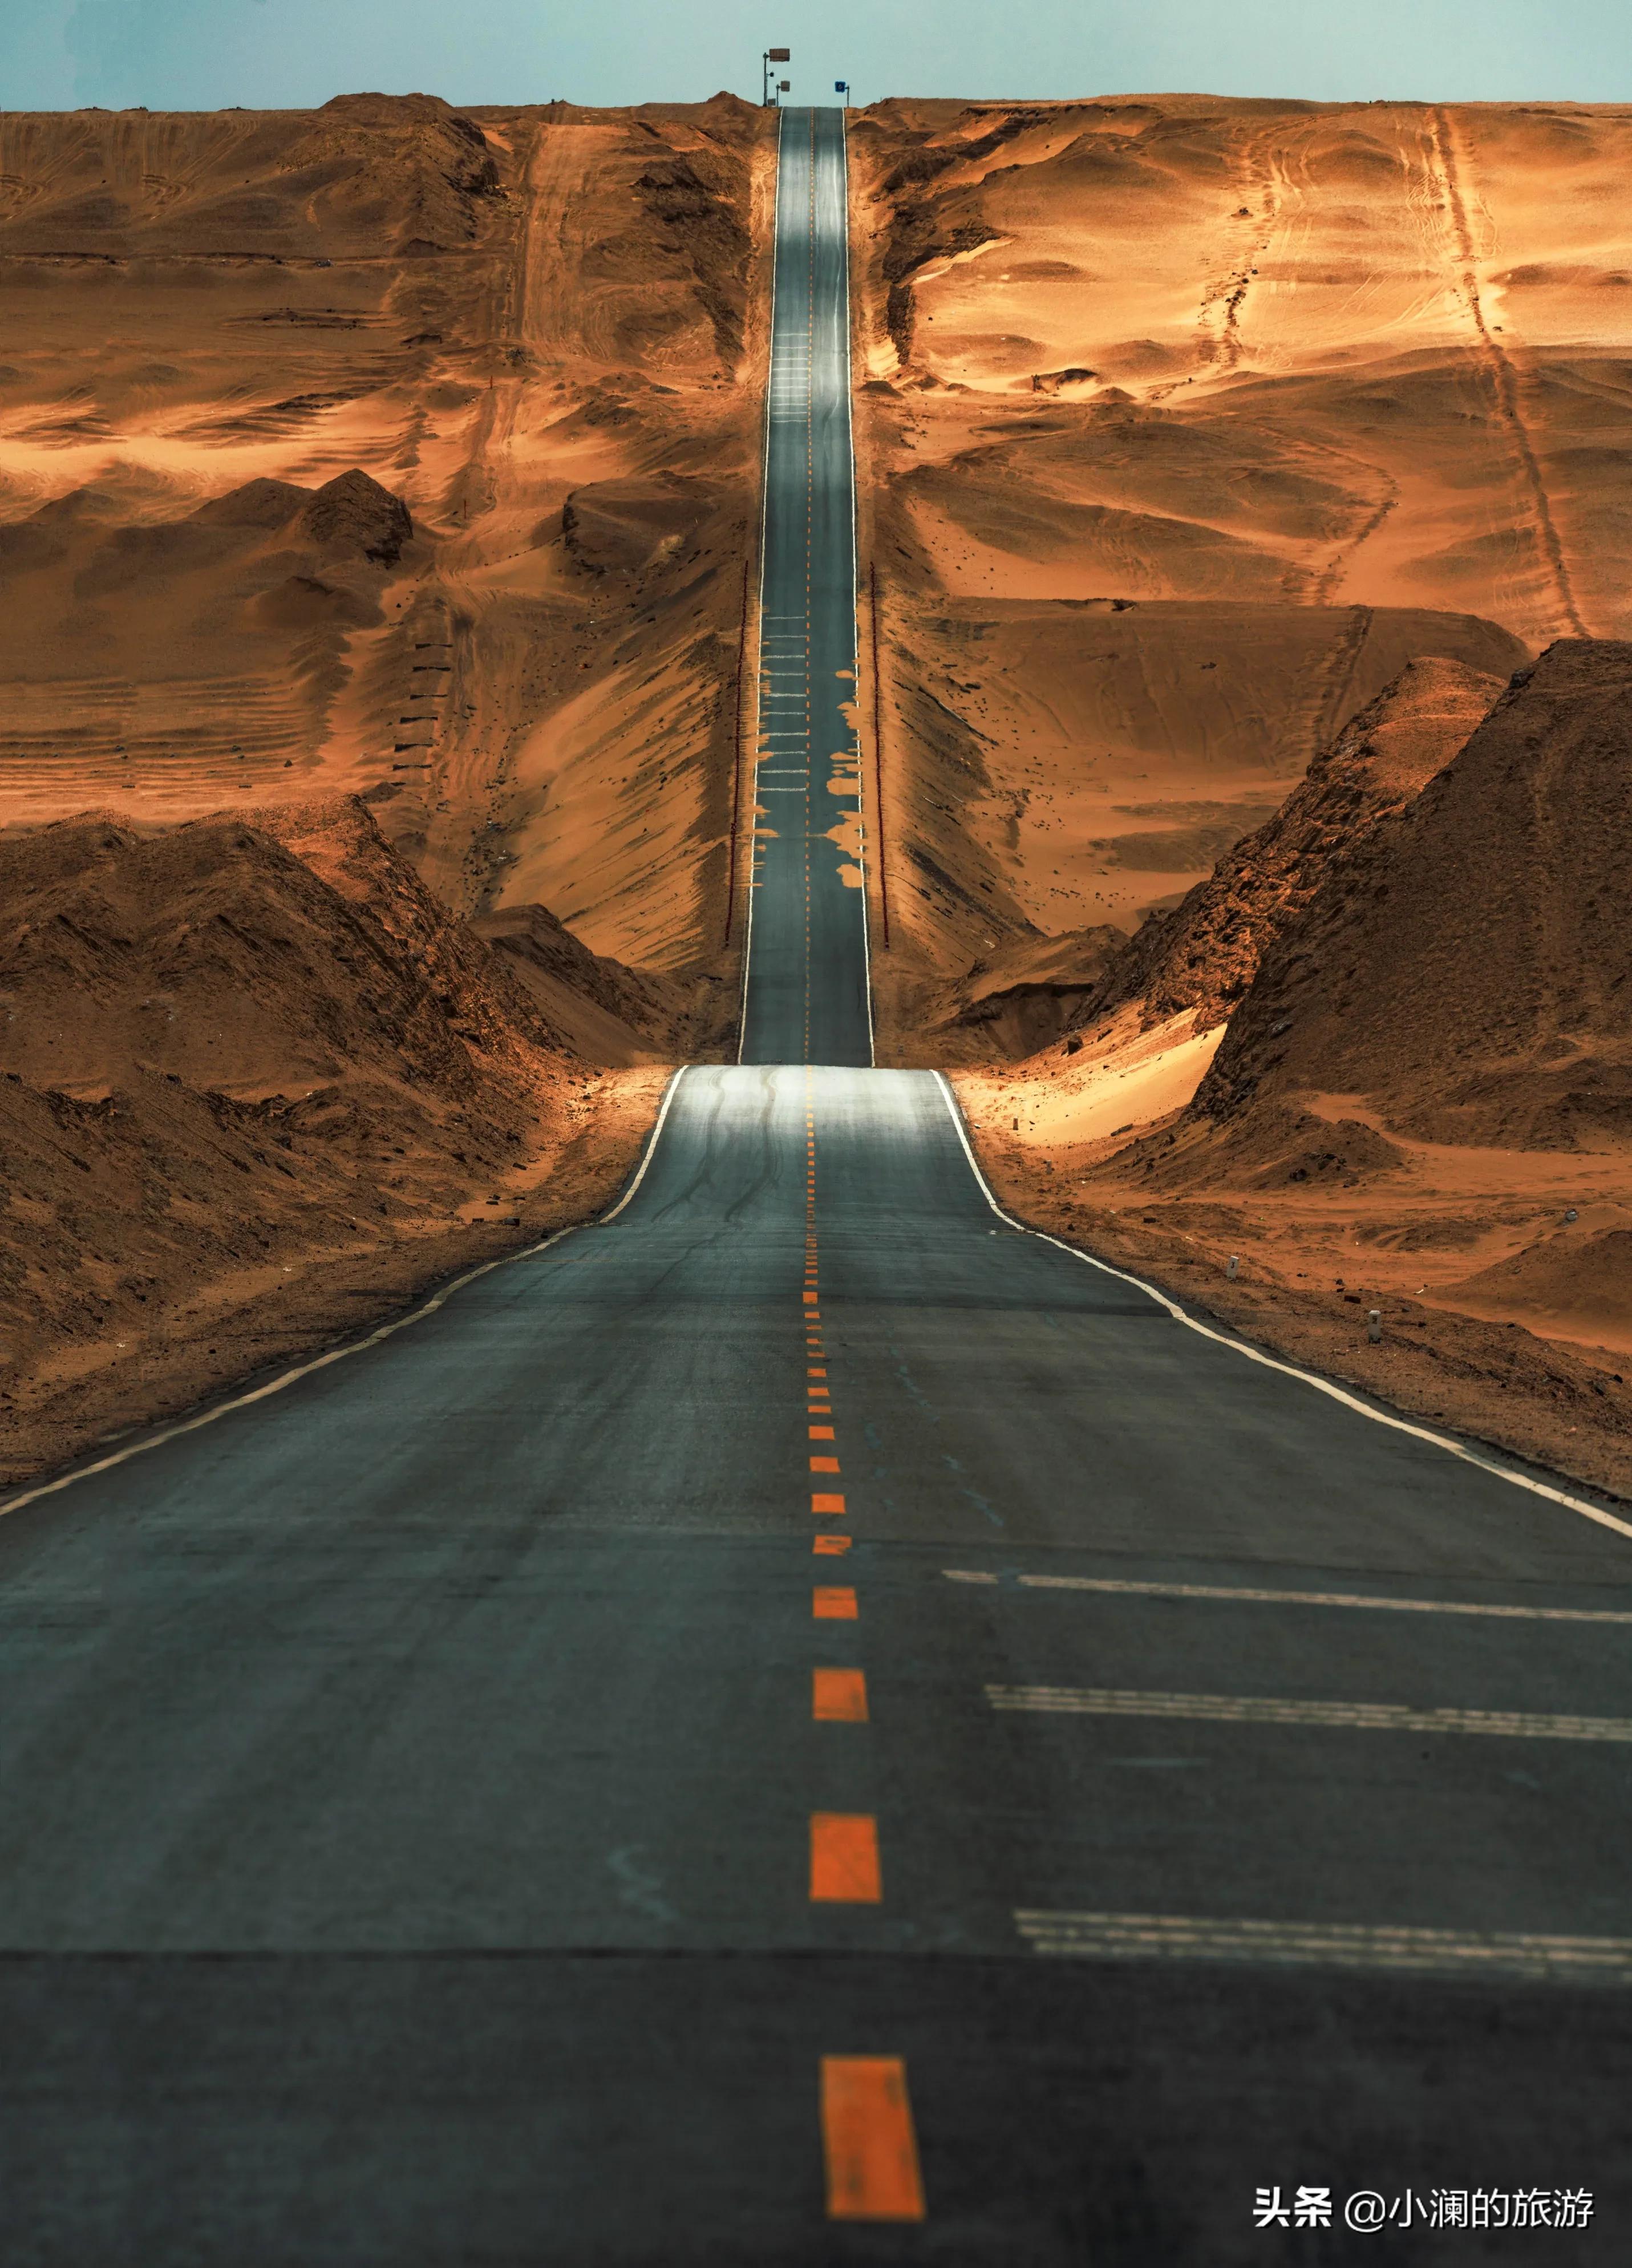 """中國版""""66號公路""""全程3063千米,一路上荒無人煙,卻又美若天堂"""